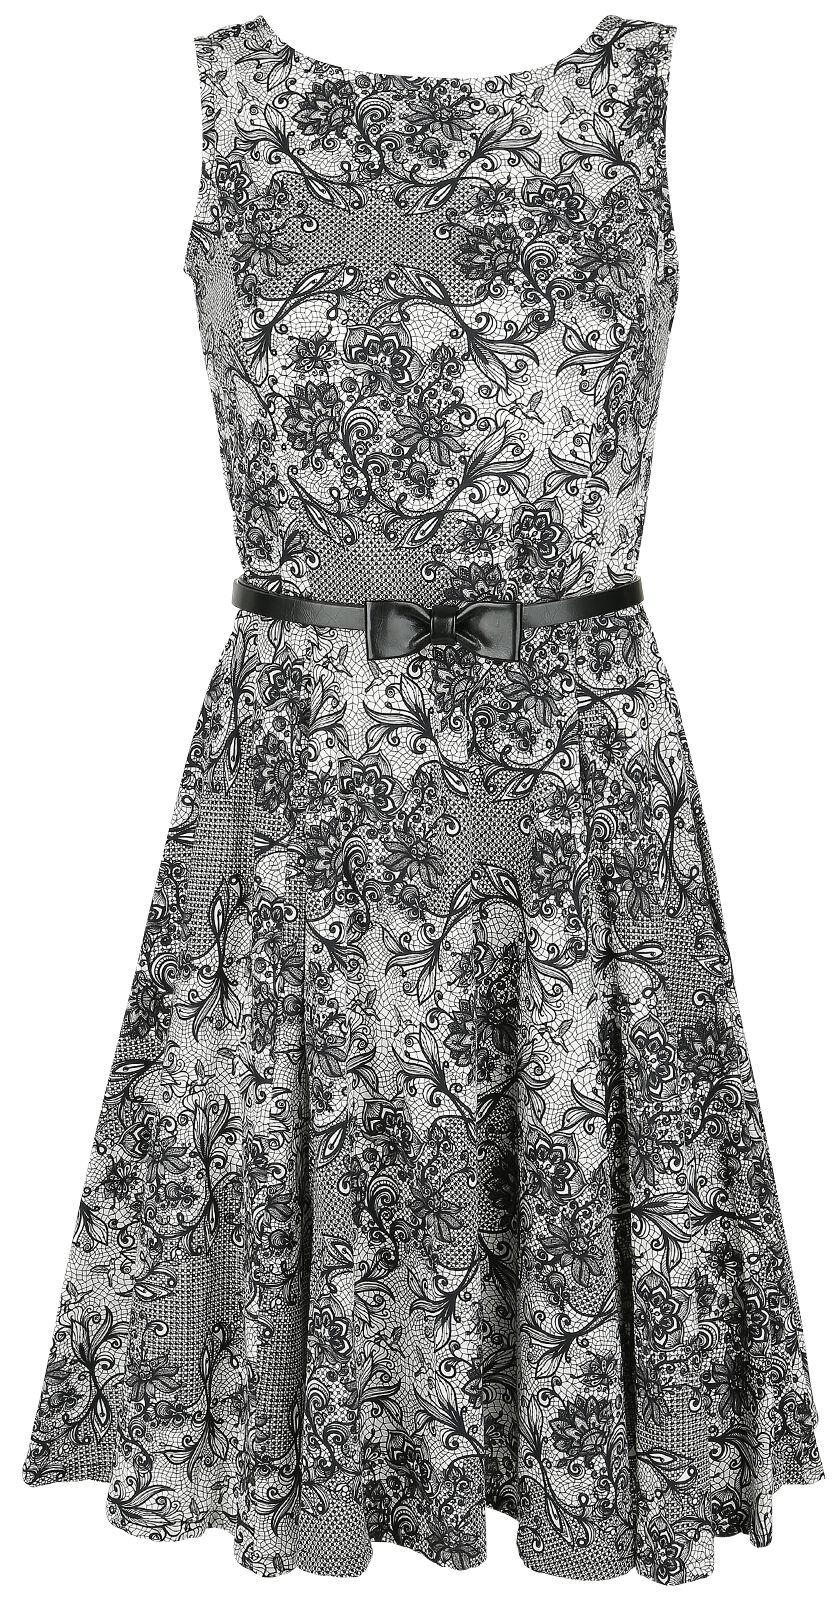 Marki - Sukienki - Sukienka Rockabella Rachel Dress Sukienka czarny/biały - 344399